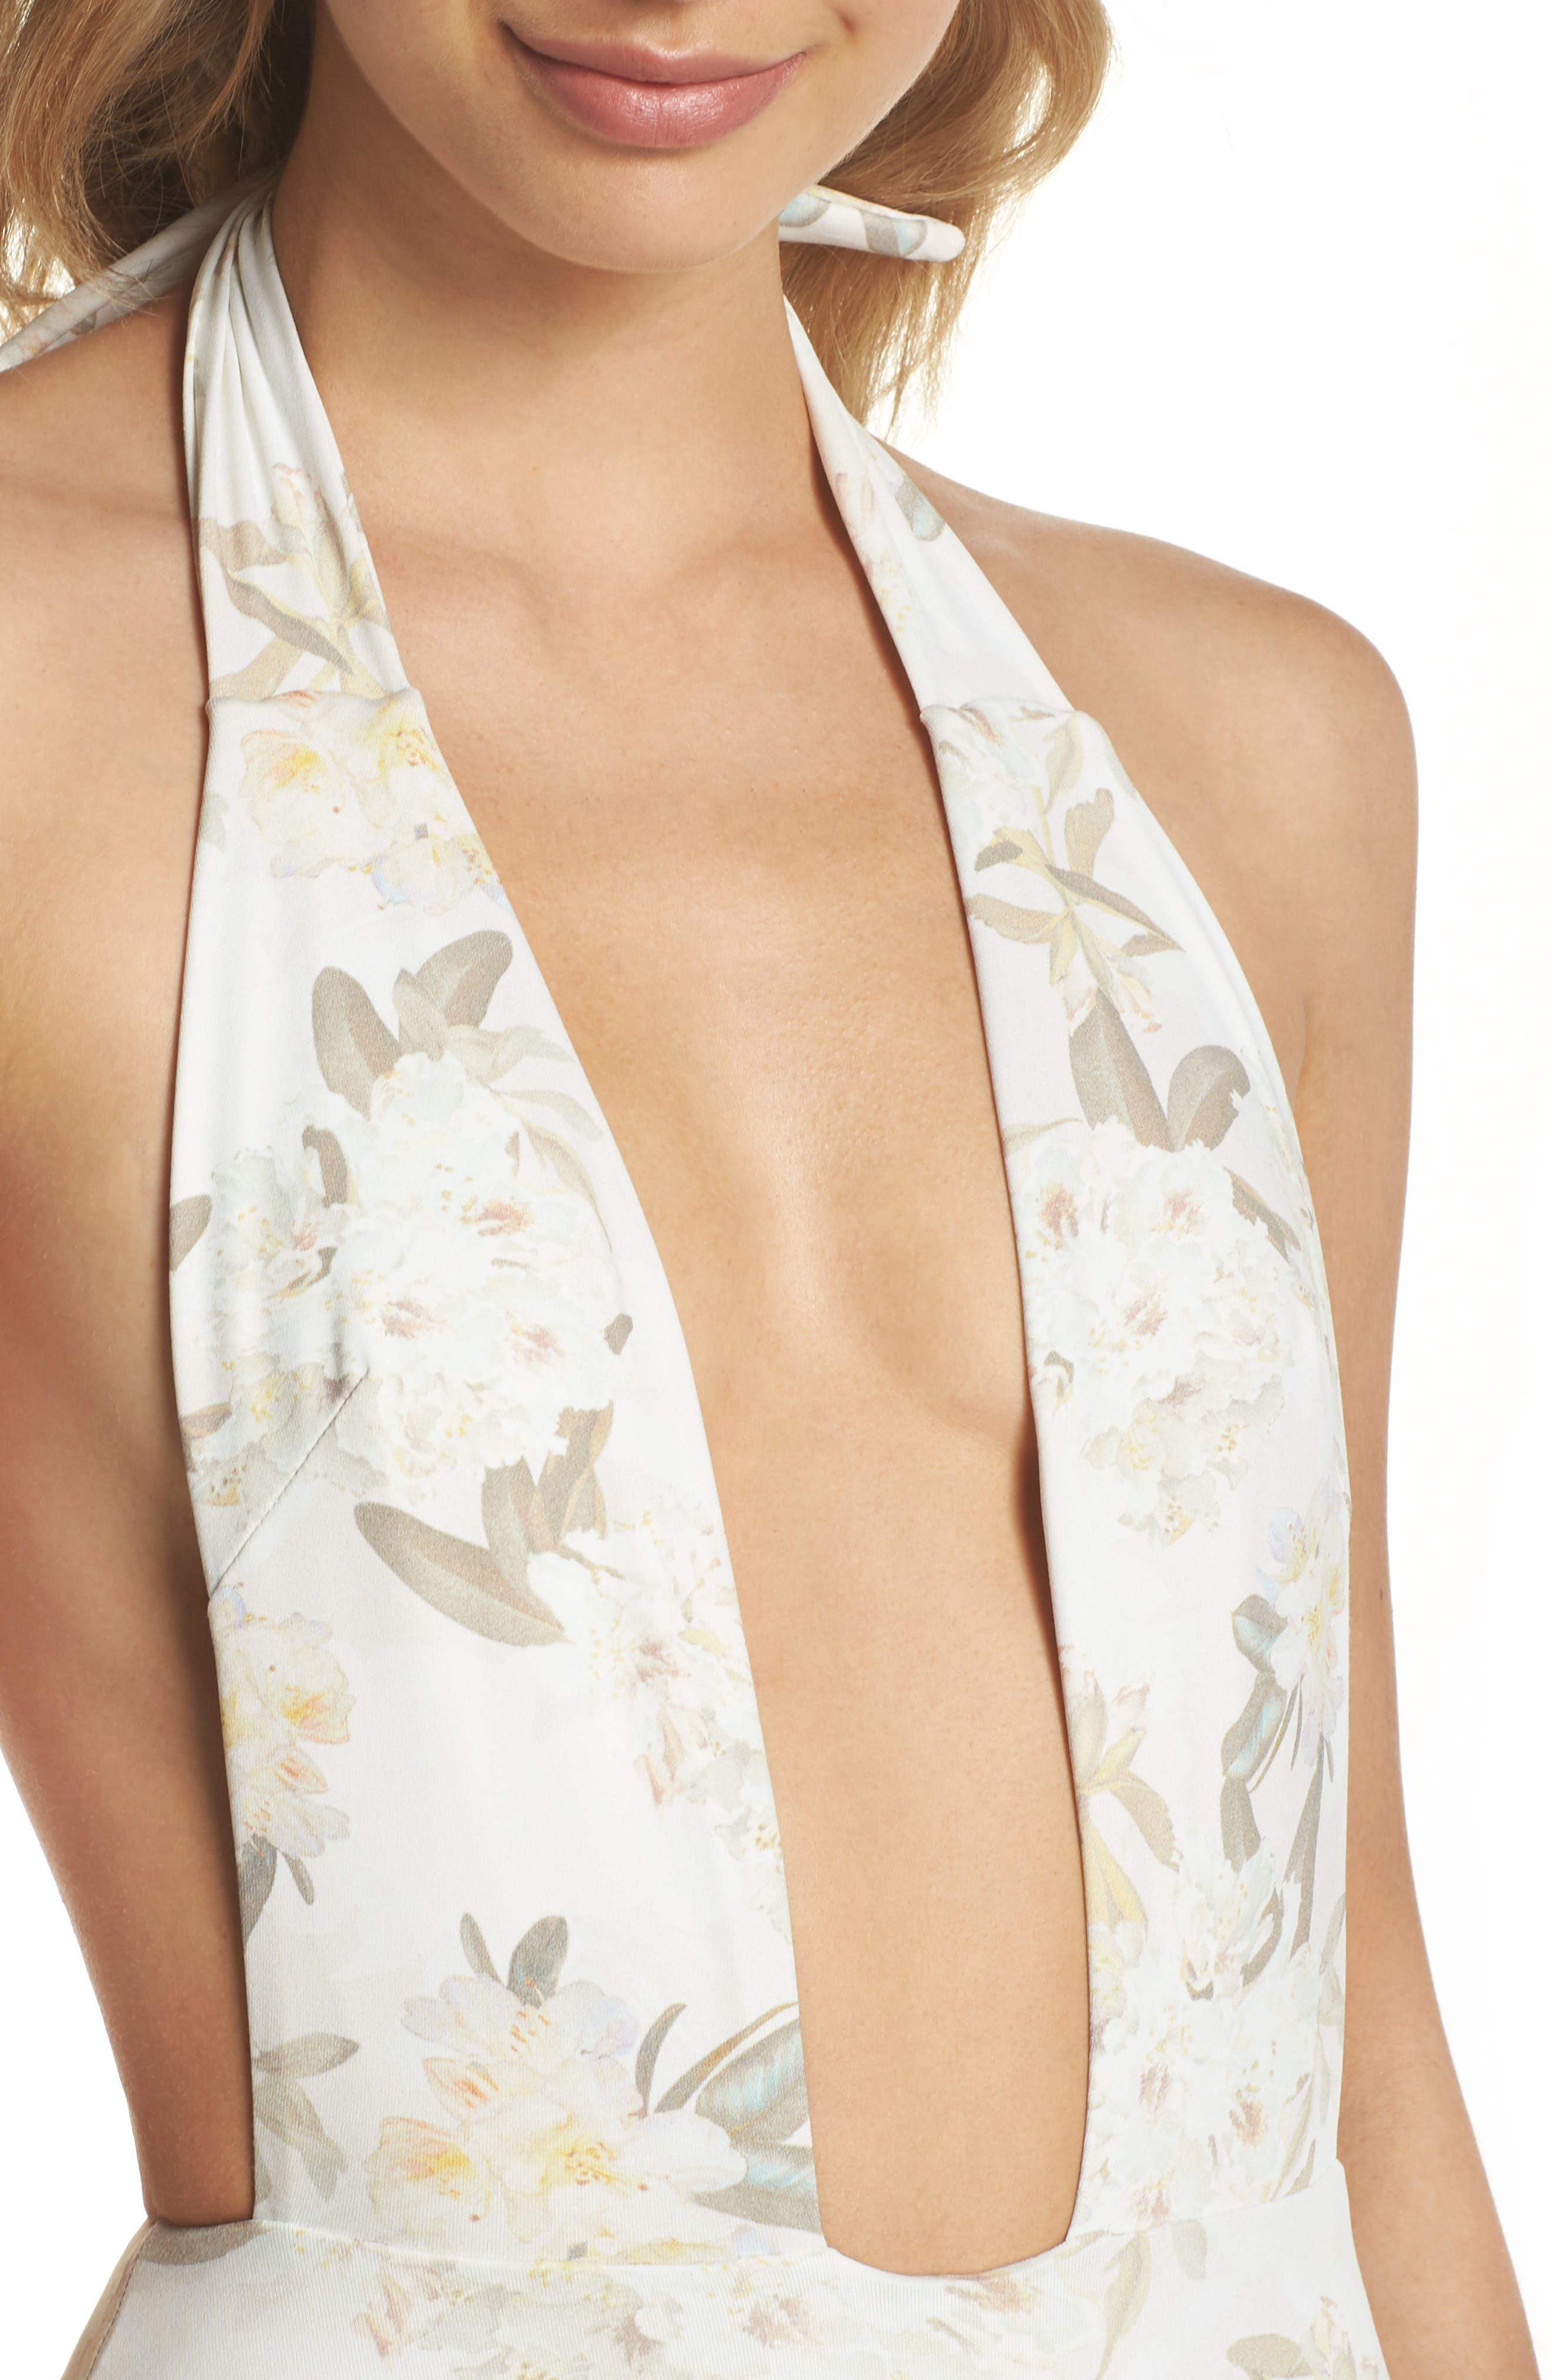 Tropex One-Piece Swimsuit,                             Alternate thumbnail 4, color,                             ETE FLORAL WHITE